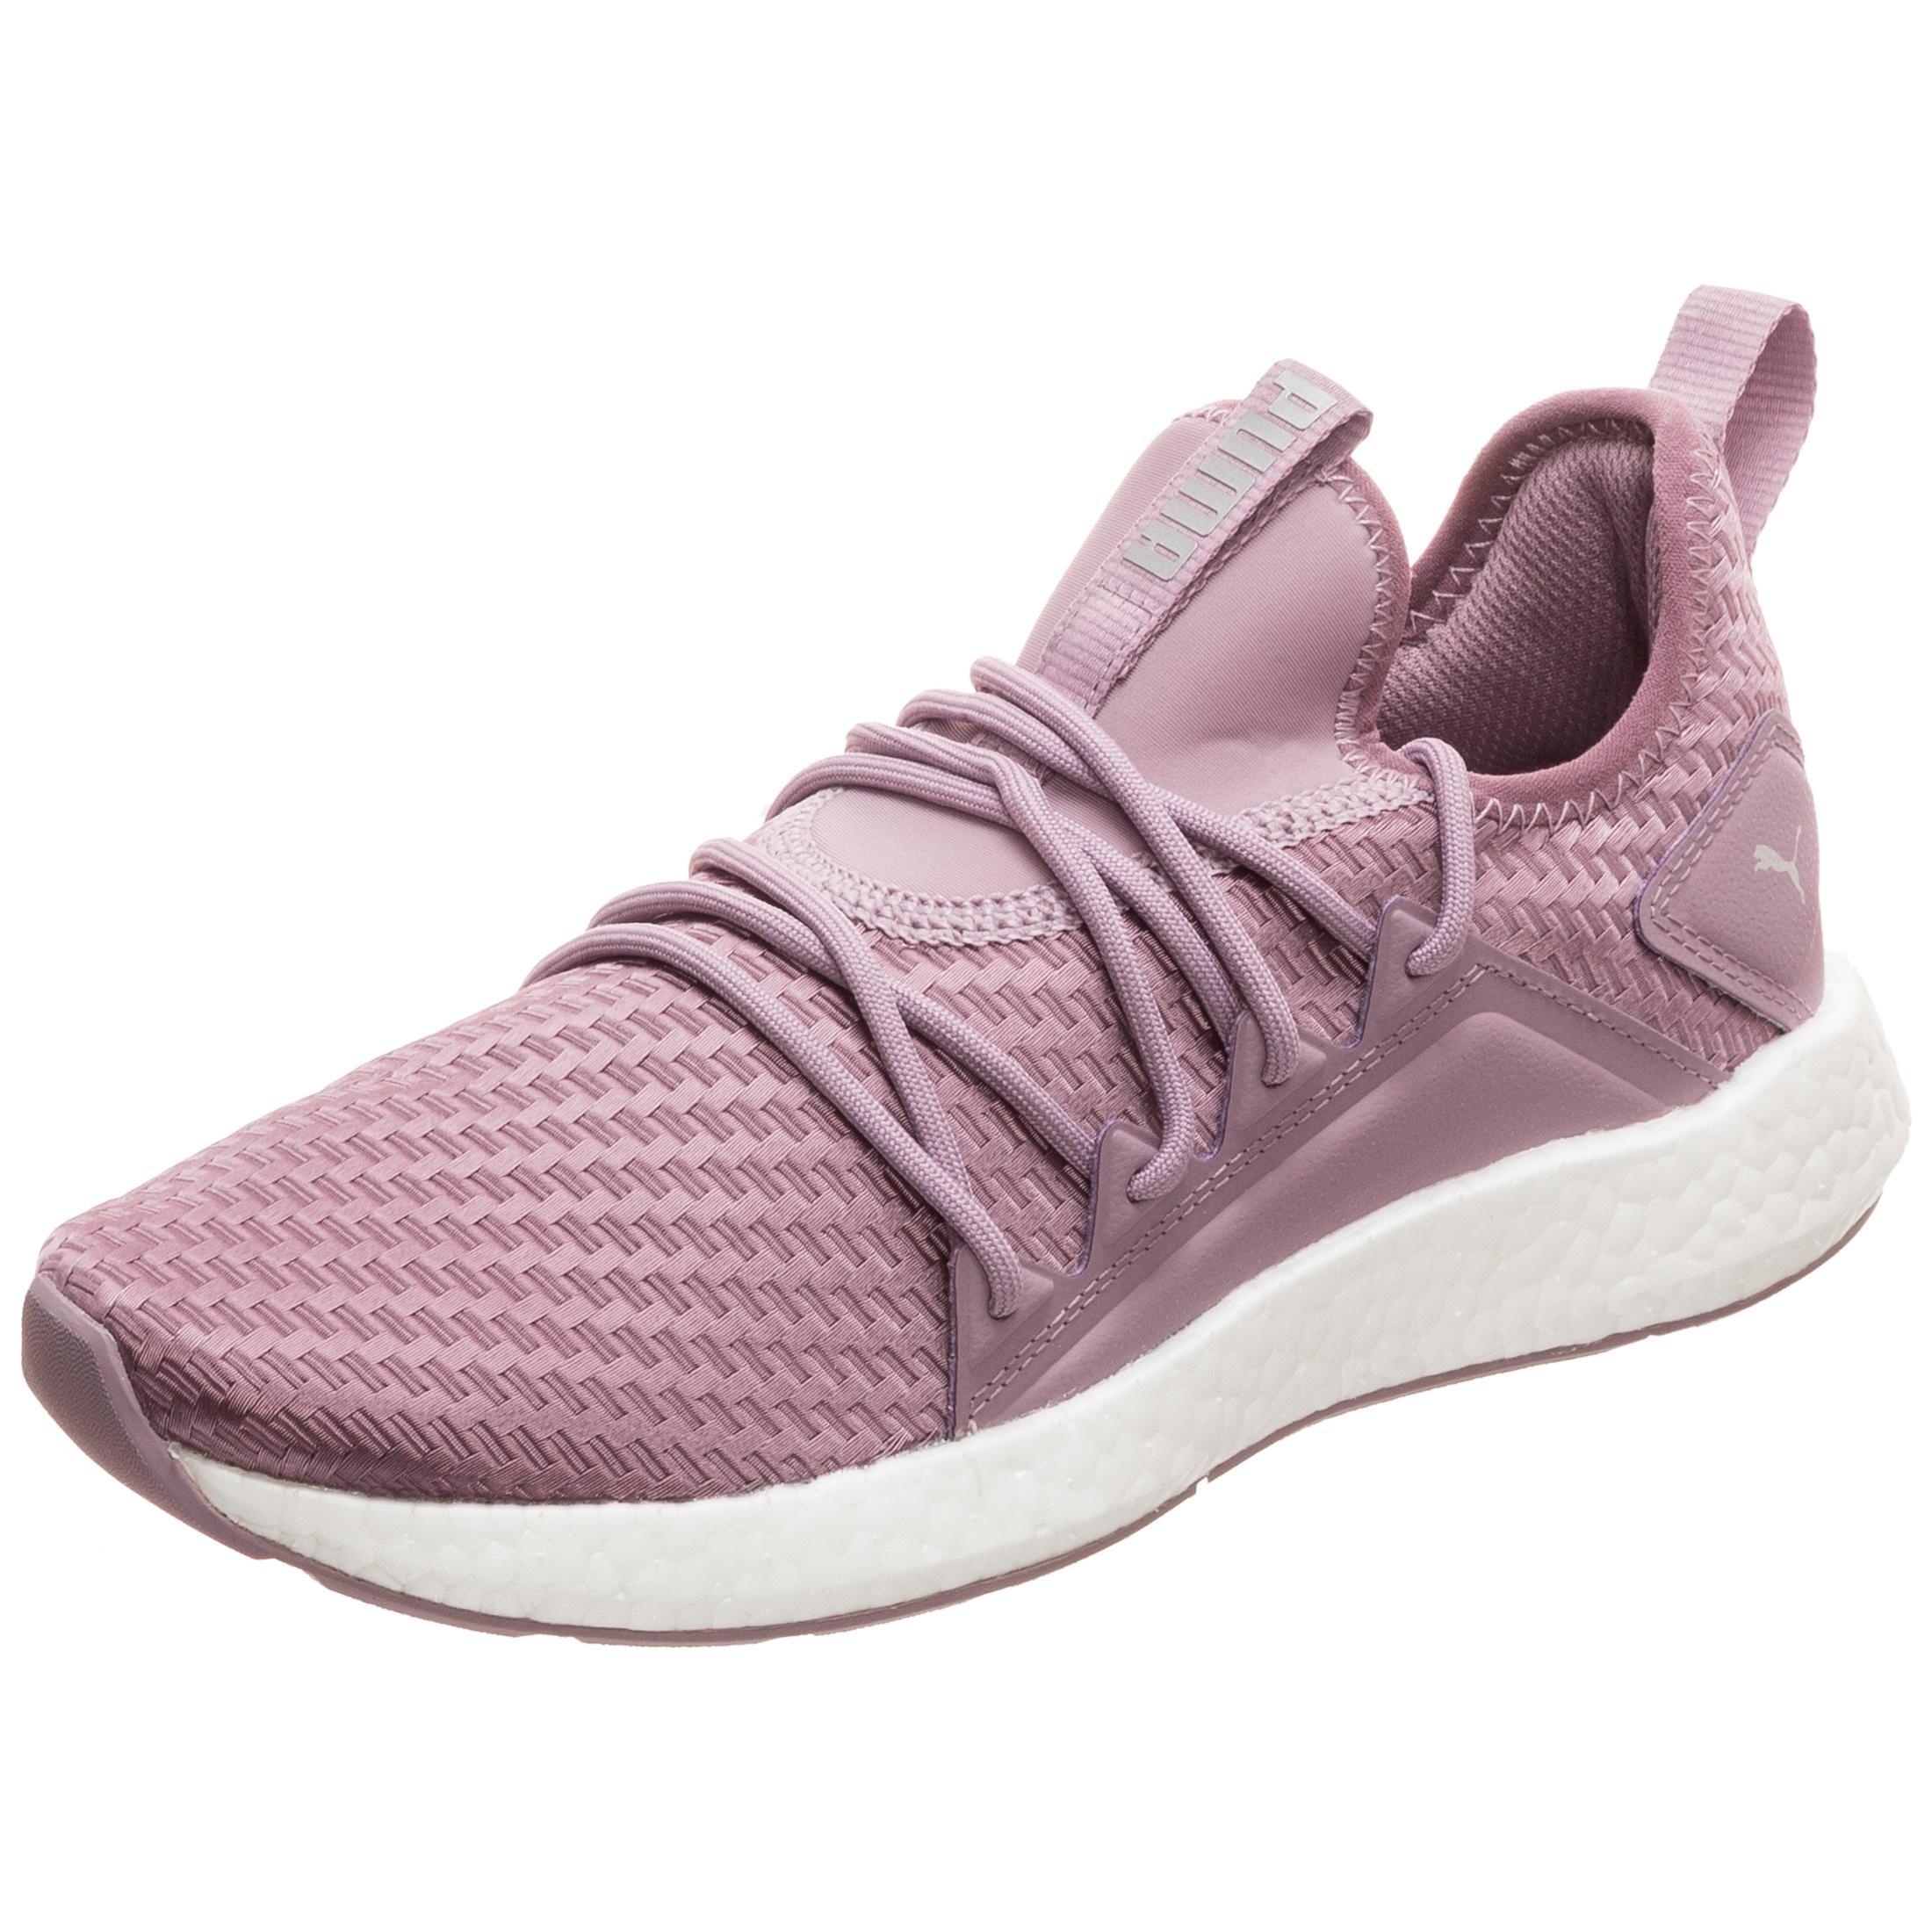 PUMA NRGY Neko Cosmic Laufschuhe Damen flieder im Online Shop von SportScheck kaufen